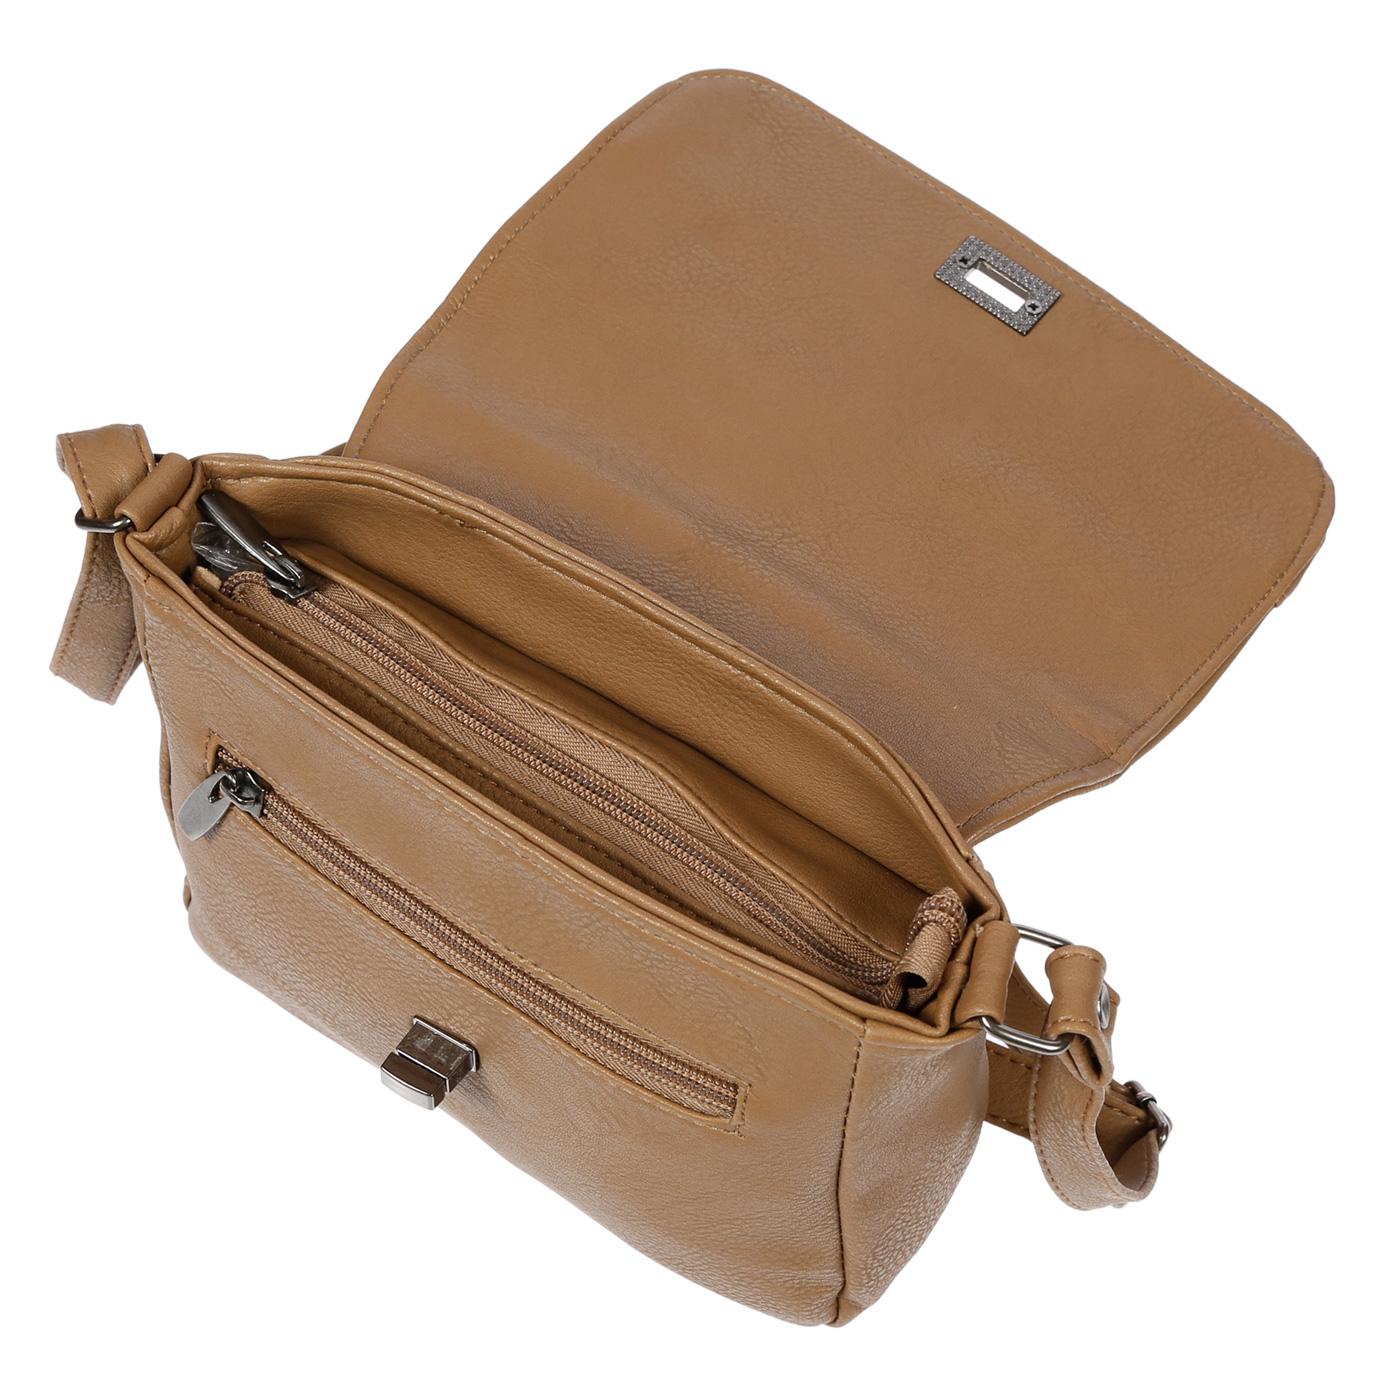 Kleine-Damen-Tasche-Umhaengetasche-Schultertasche-Crossover-Bag-Leder-Optik-NEU Indexbild 33